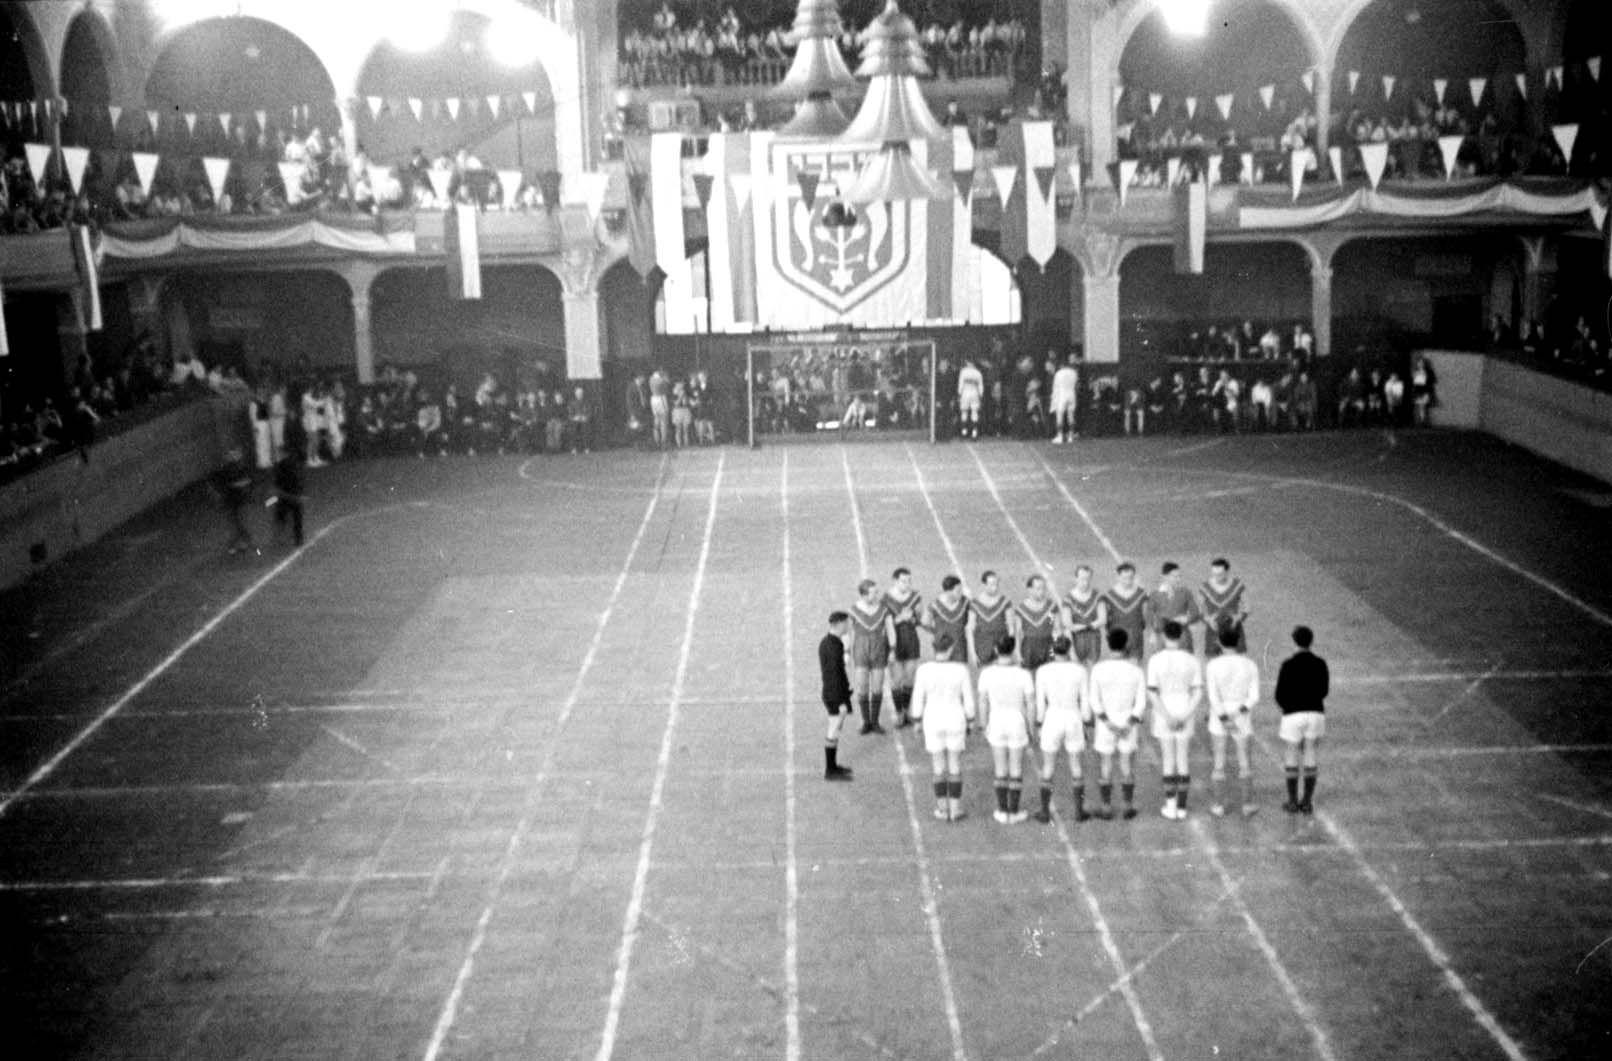 Handball match at the Maccabiah, November-December 1936, Berlin, Germany